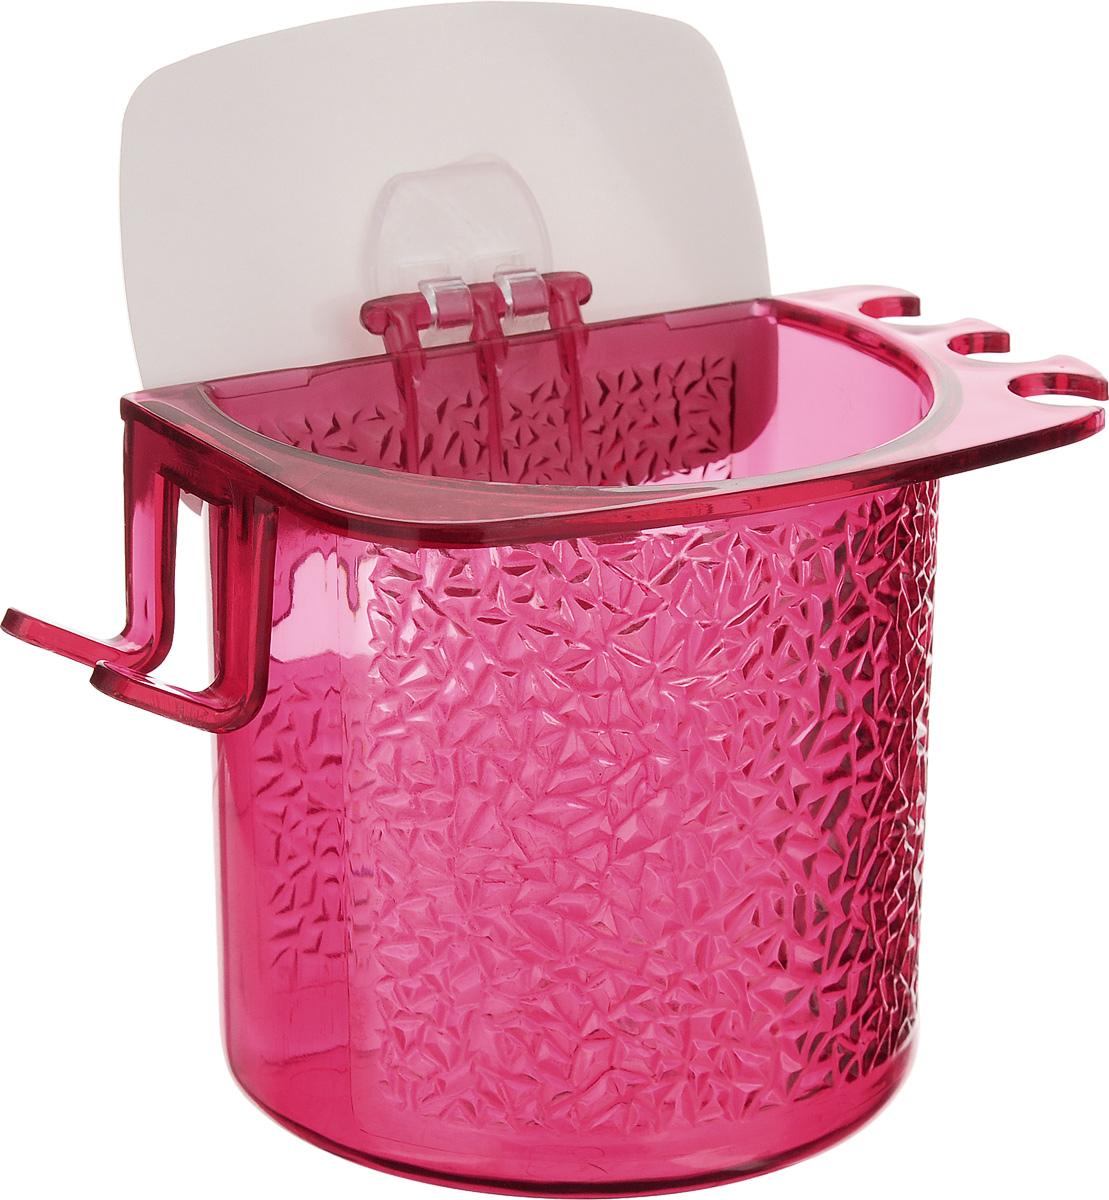 Стакан для ванной Fresh Code, на липкой основе, цвет: малиновый64945_малиновыйСтакан для ванной комнаты Fresh Code выполнен из ABS пластика. Крепление на липкой основе многократного использования идеально подходит для гладкой поверхности. С оборотной стороны изделие оснащено двумя отверстиями для удобного размещения на стене. В стакане удобно хранить зубные щетки, пасту и другие принадлежности. Аксессуары для ванной комнаты Fresh Code стильно украсят интерьер и добавят в обычную обстановку яркие и модные акценты. Стакан идеально подойдет к любому стилю ванной комнаты.